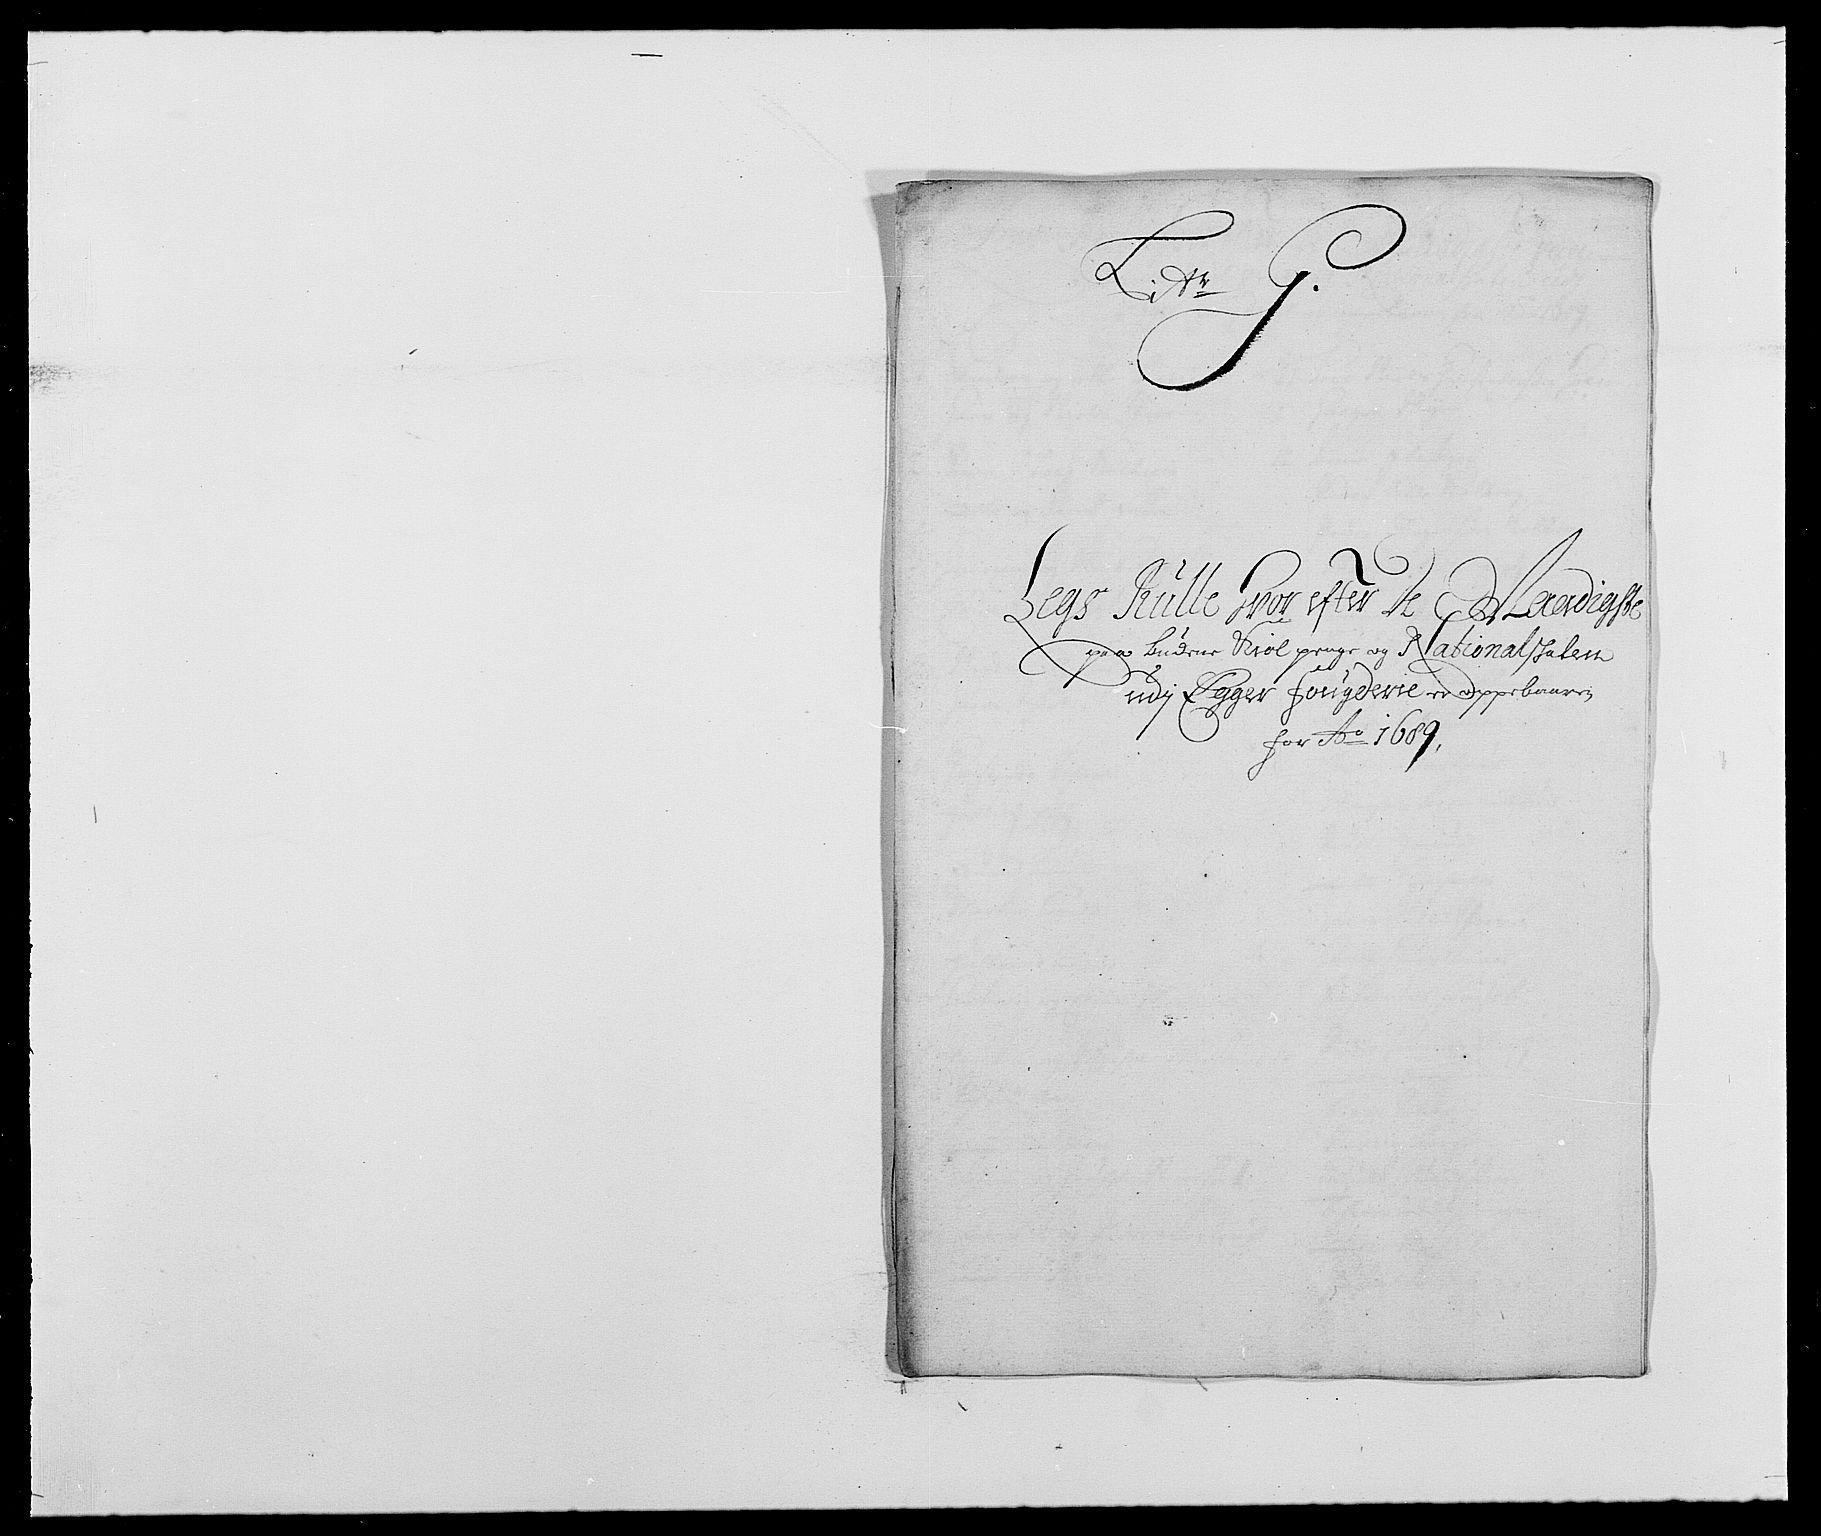 RA, Rentekammeret inntil 1814, Reviderte regnskaper, Fogderegnskap, R28/L1688: Fogderegnskap Eiker og Lier, 1687-1689, s. 422